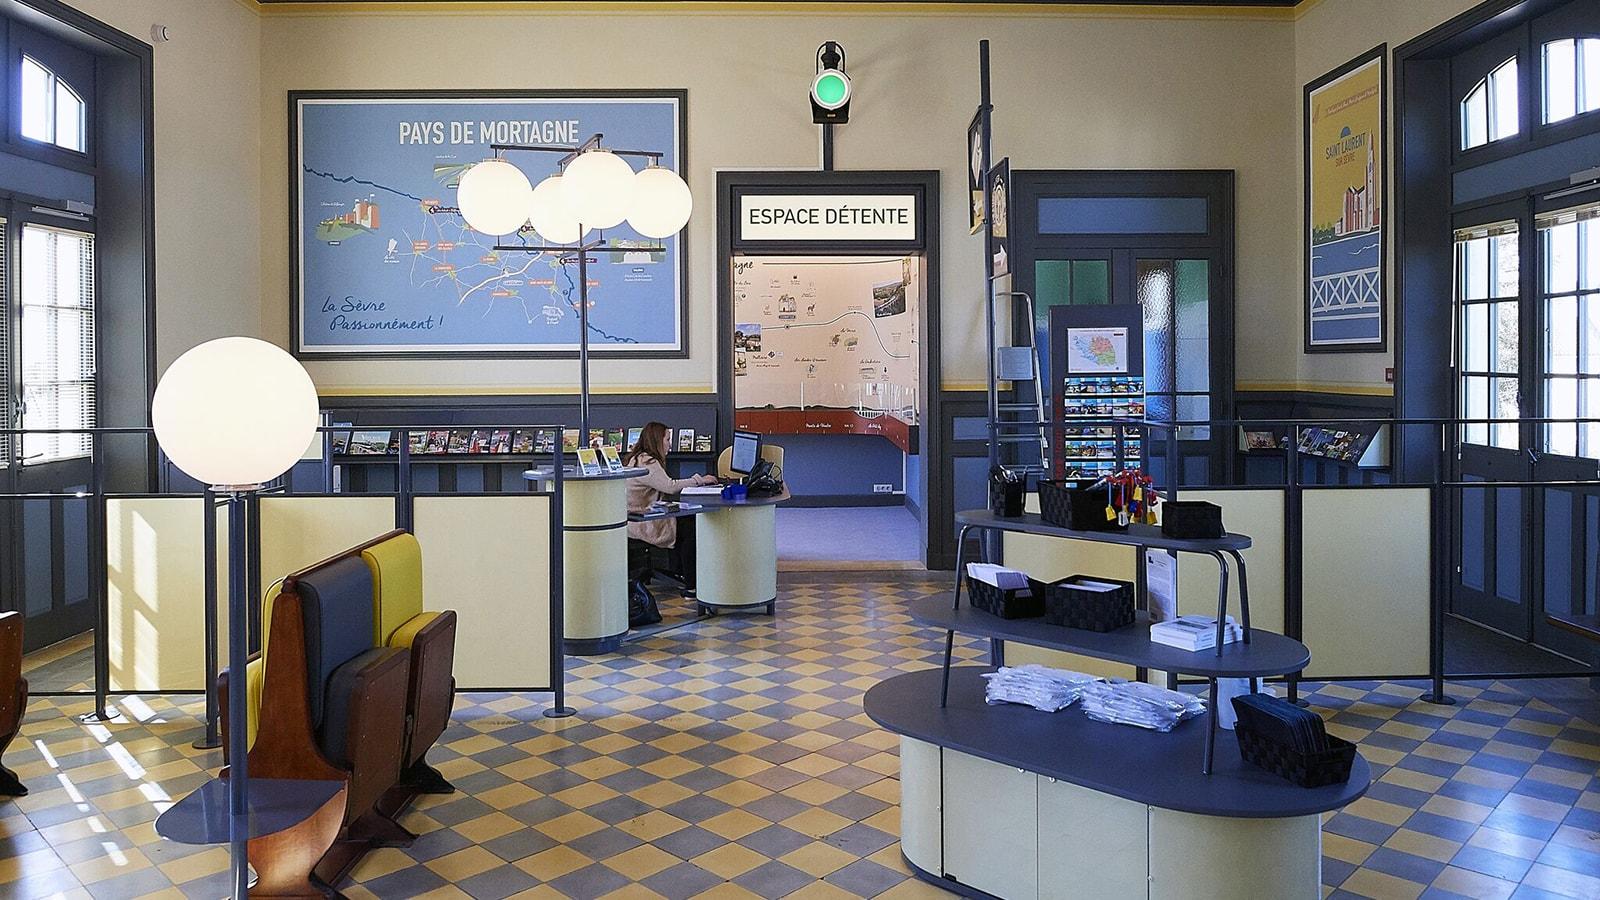 EFI Design Office De Tourisme Mortagne Efi Design (9) 1146